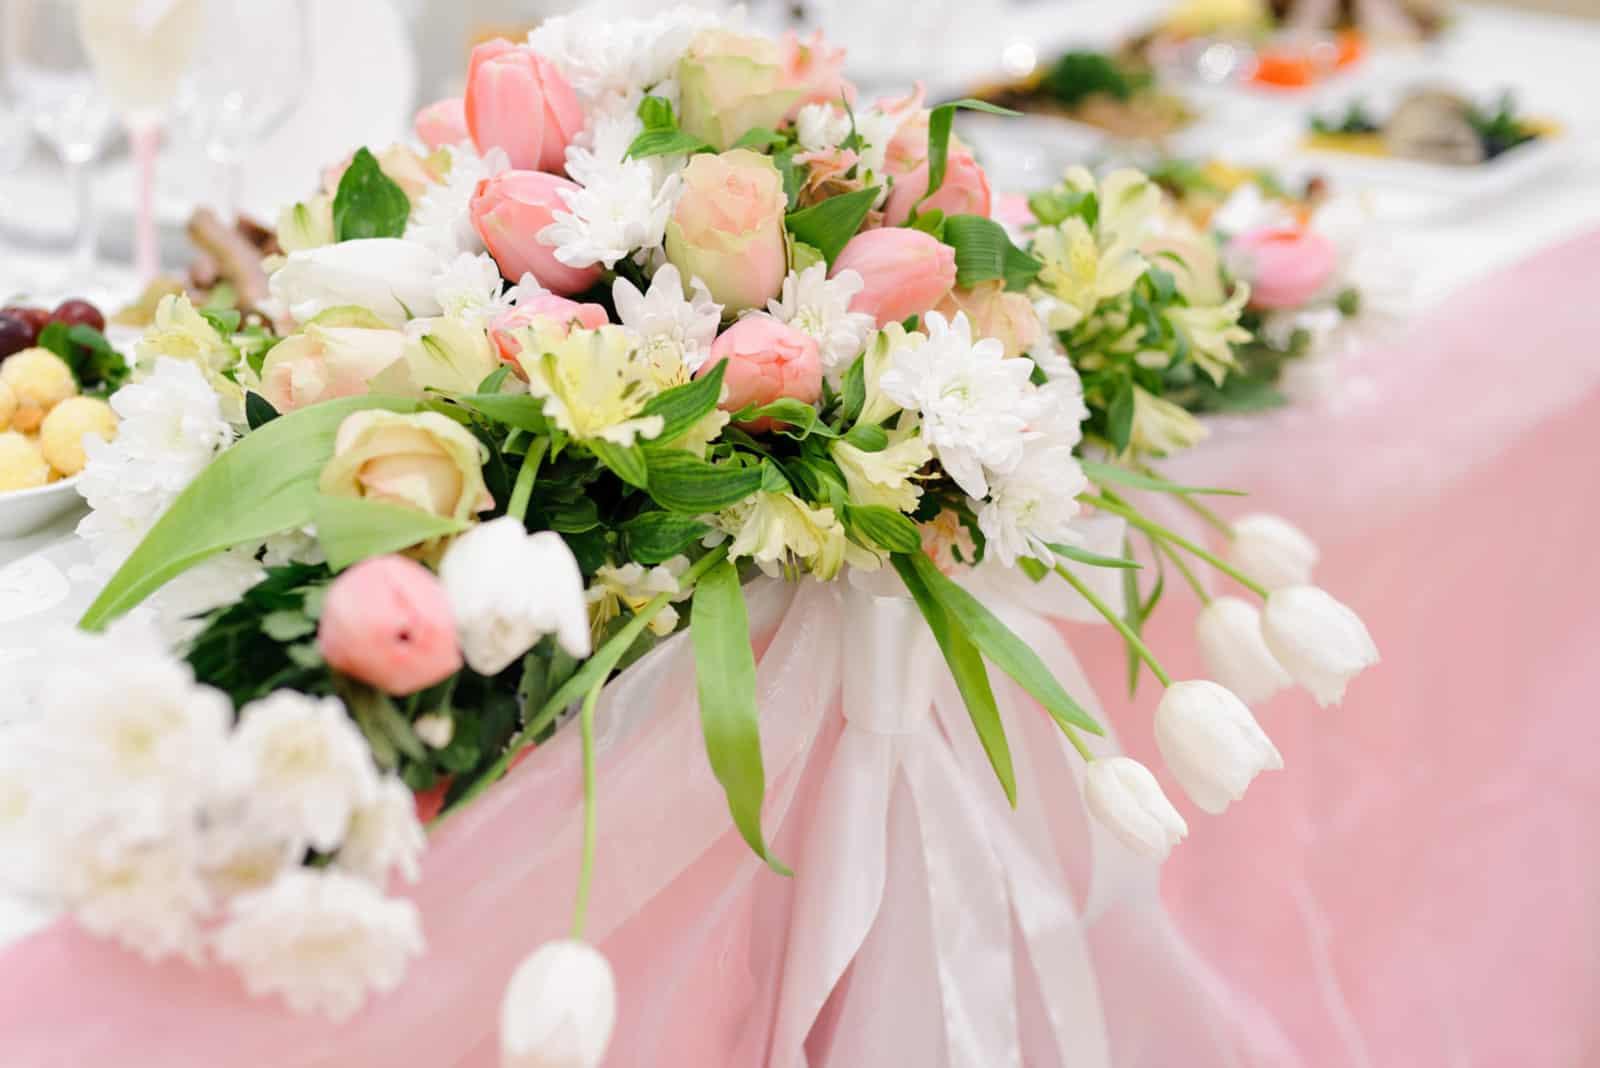 Dekoration des Hochzeitstisches mit Blumen